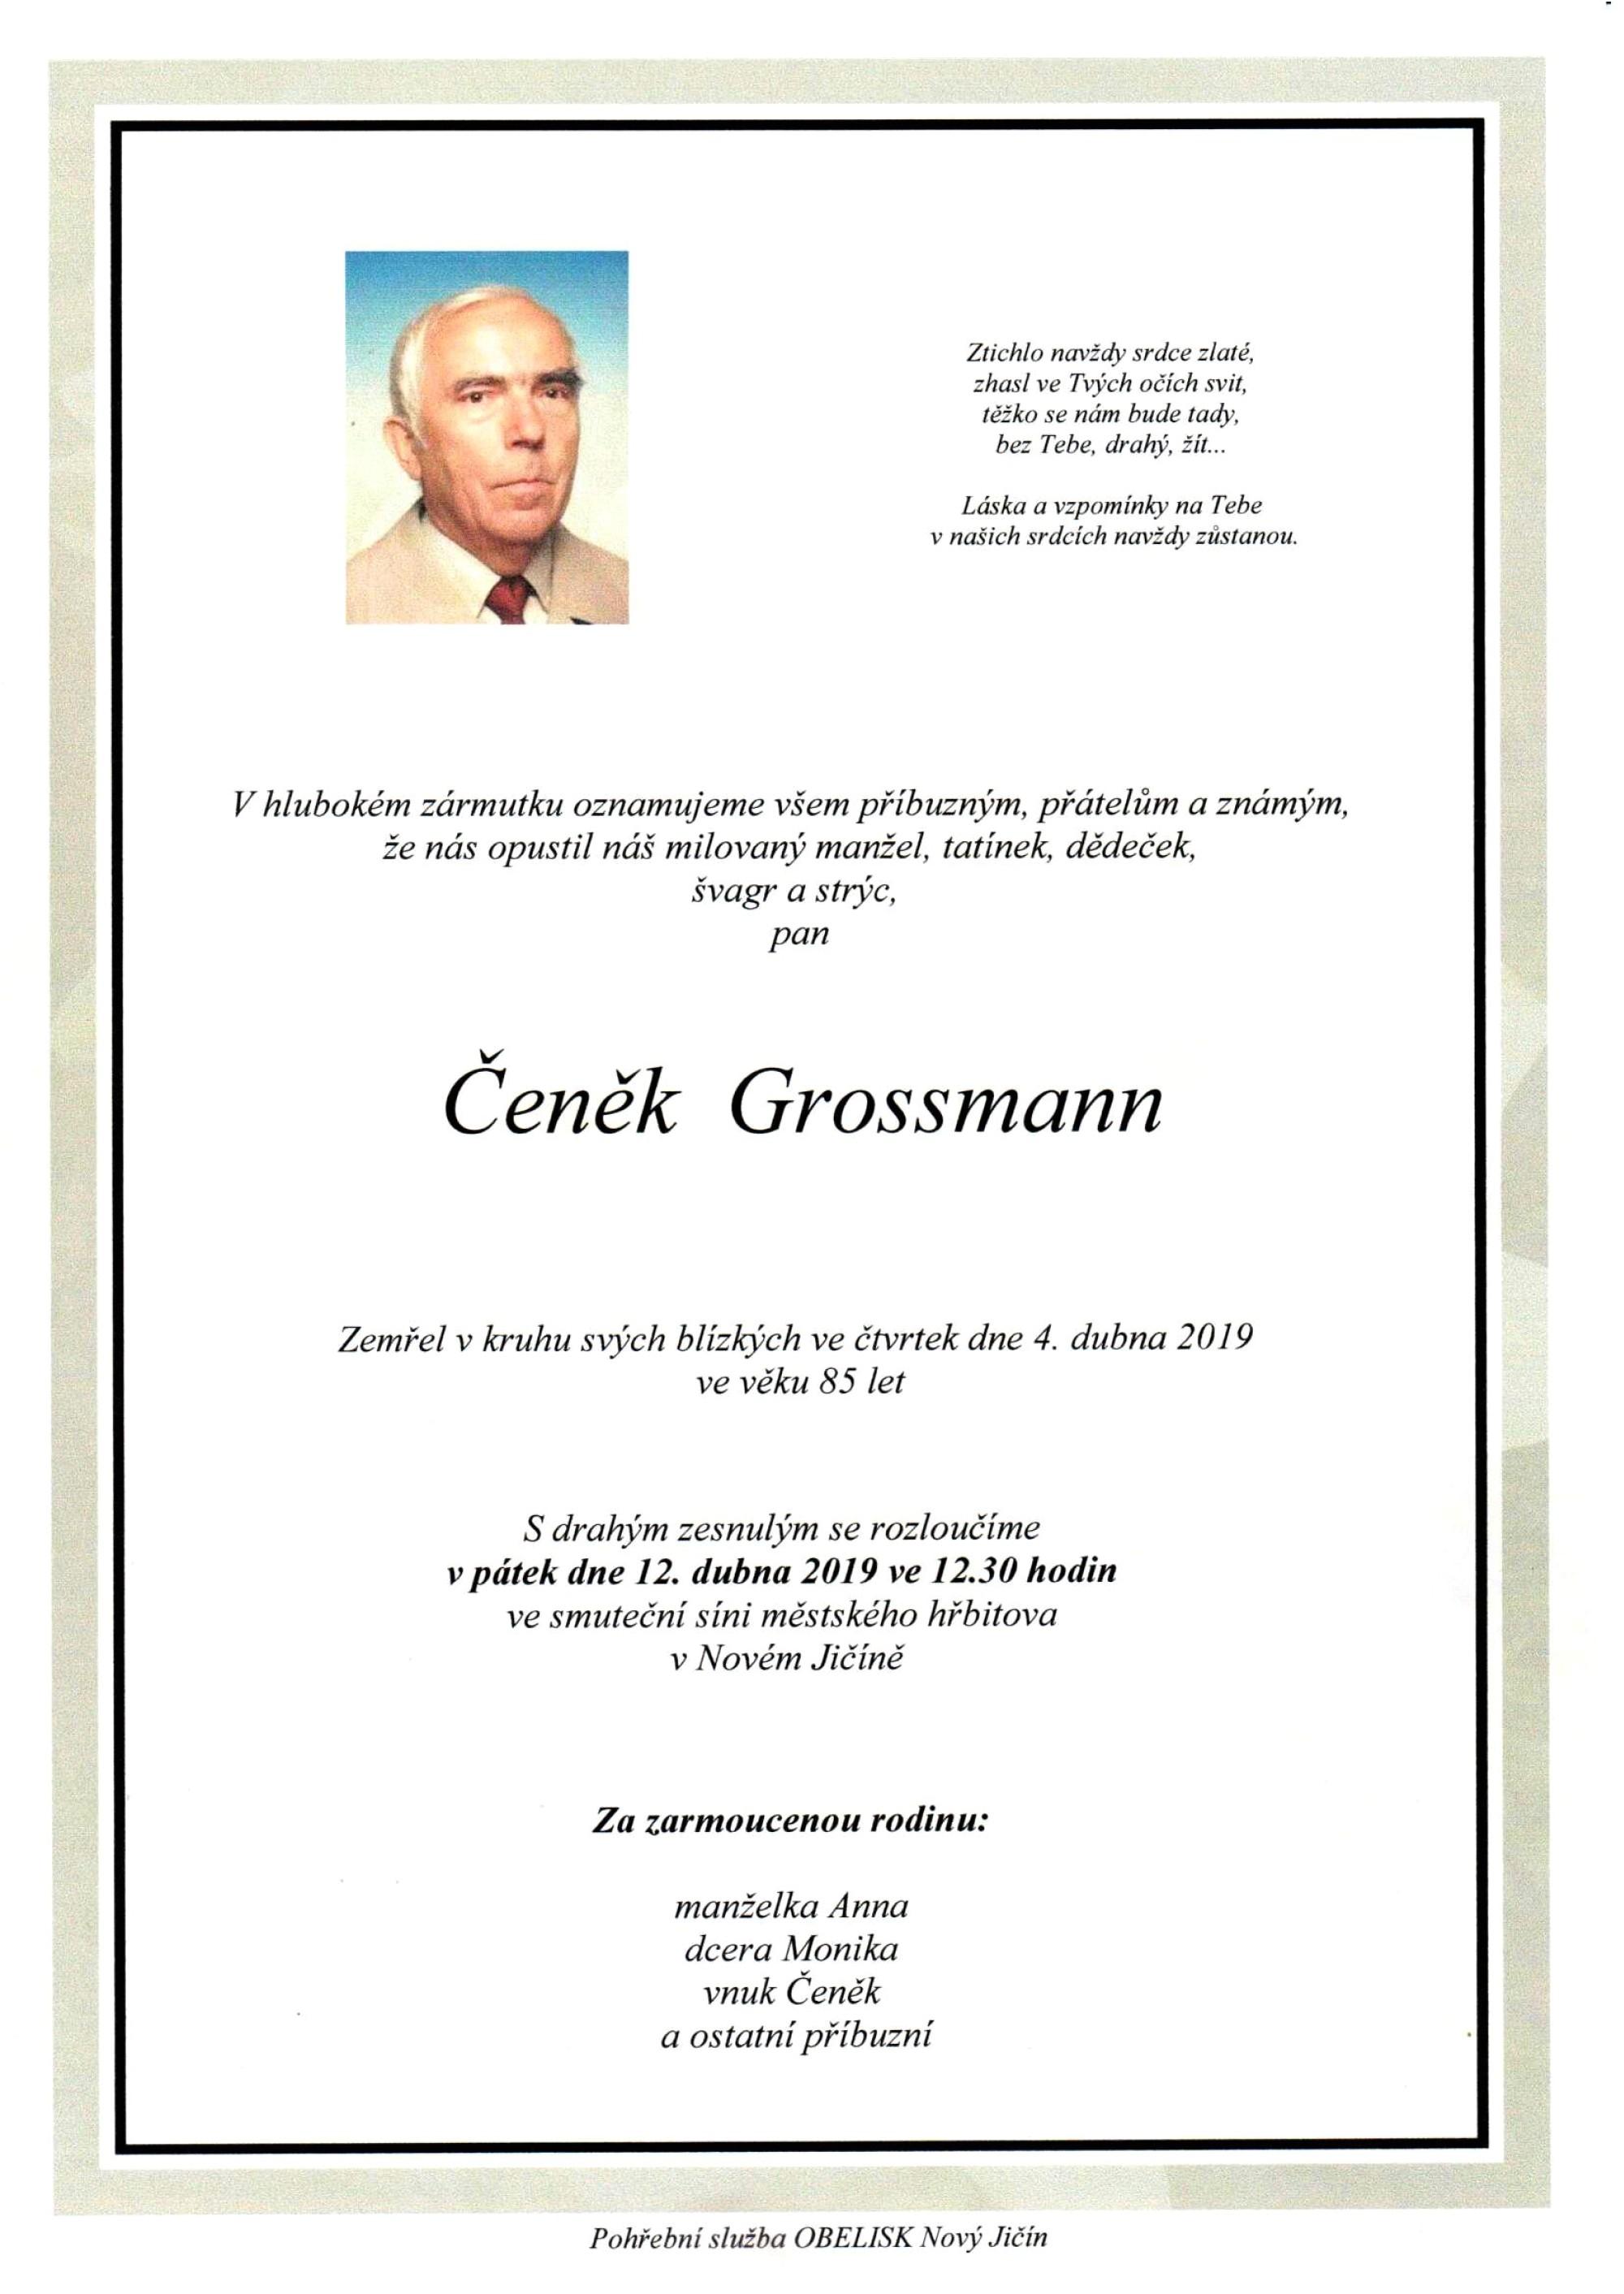 Čeněk Grossmann